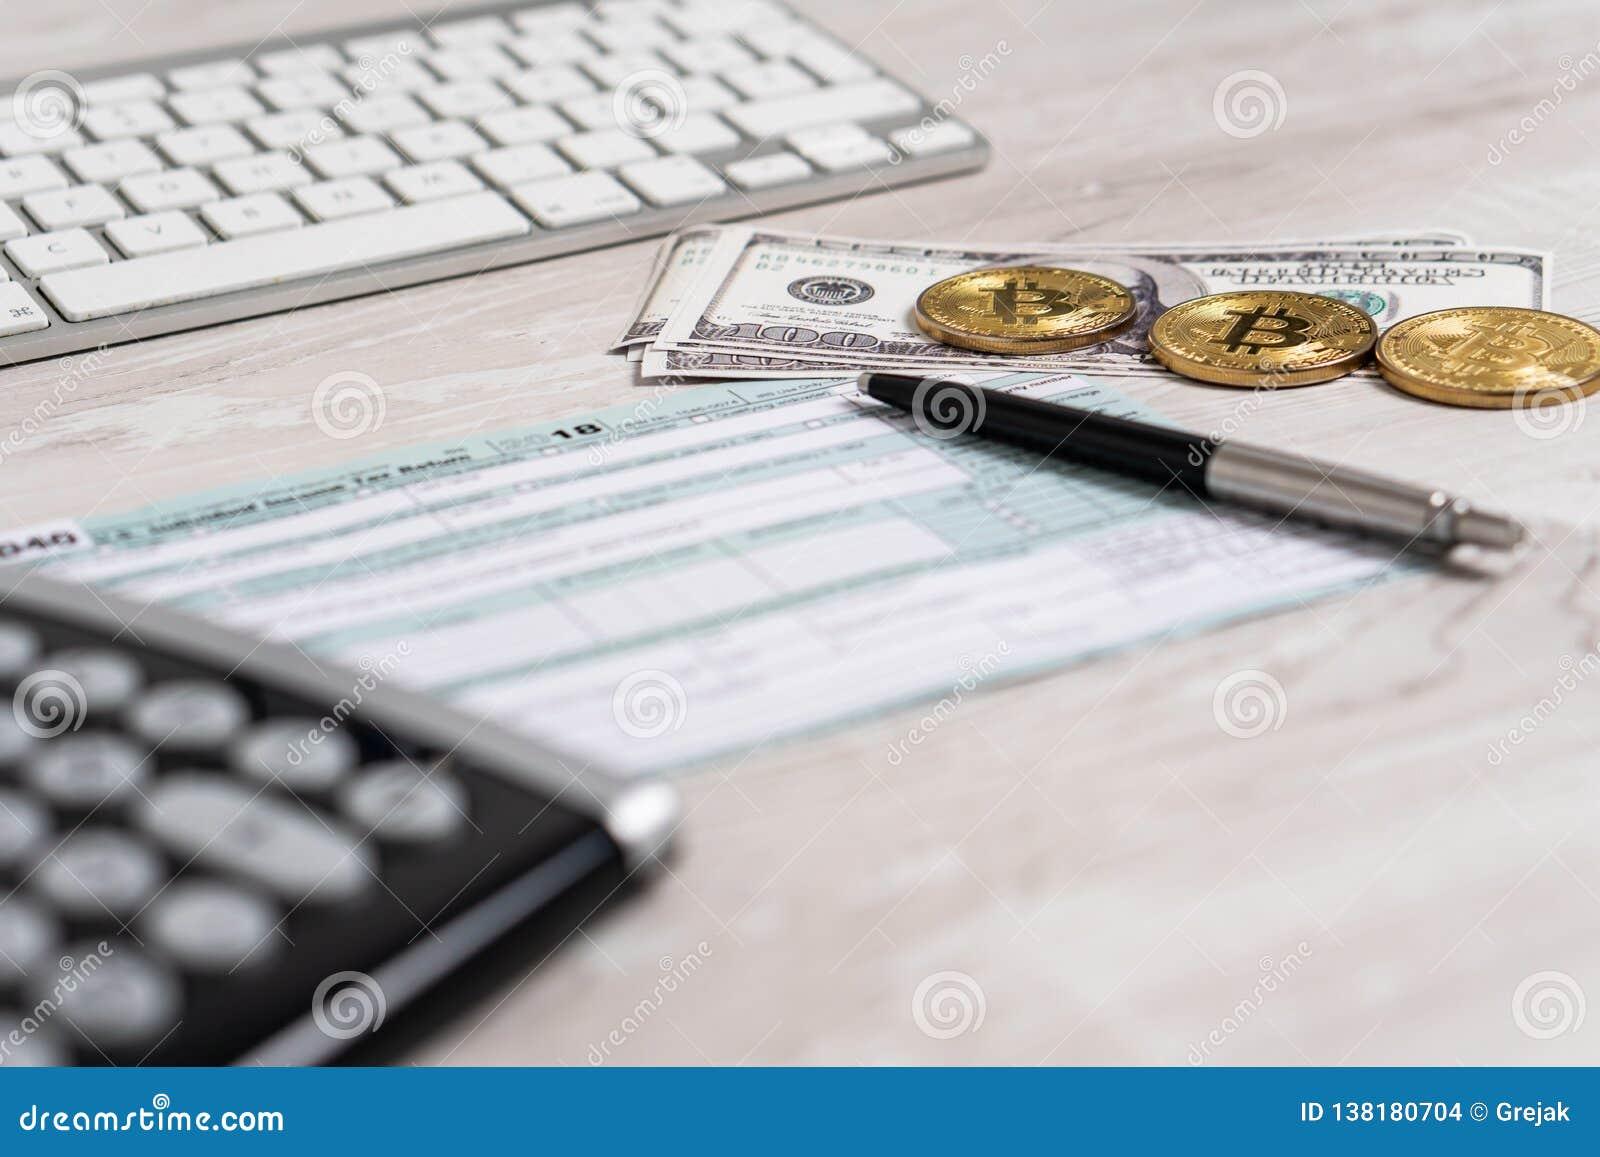 Le stylo, les bitcoins, les billets d un dollar et la calculatrice sur la feuille d impôt U 1040 S à côté de clavier d ordinateur